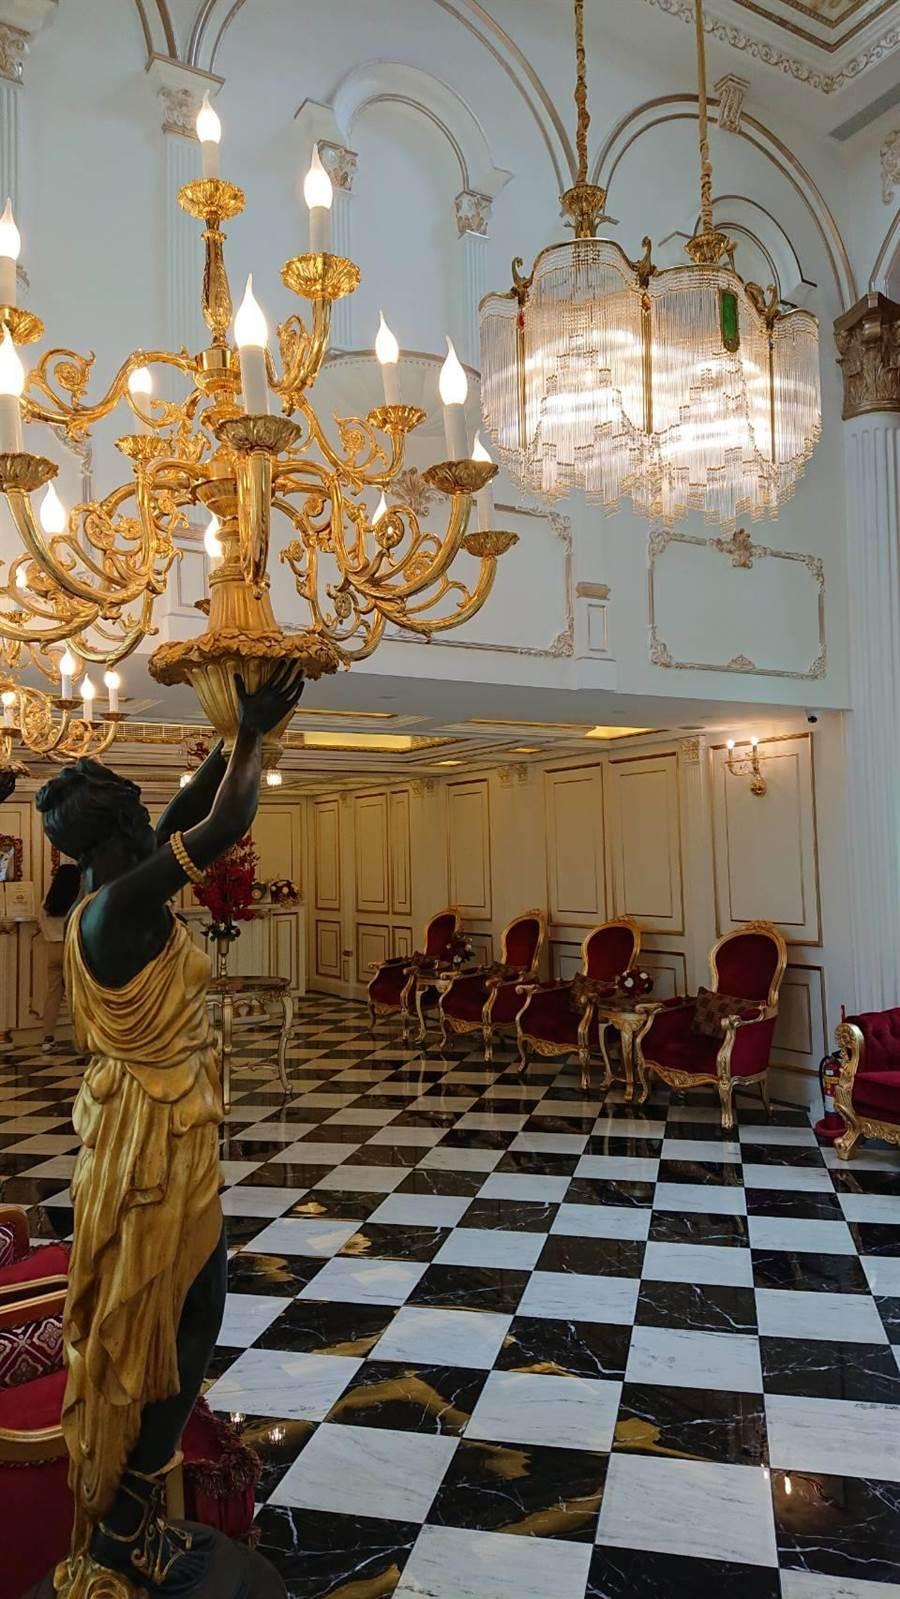 日月潭皇后古堡飯店以千萬打造的歐式裝潢大廳,華麗宮廷風擺飾十分吸睛。(馮惠宜攝)